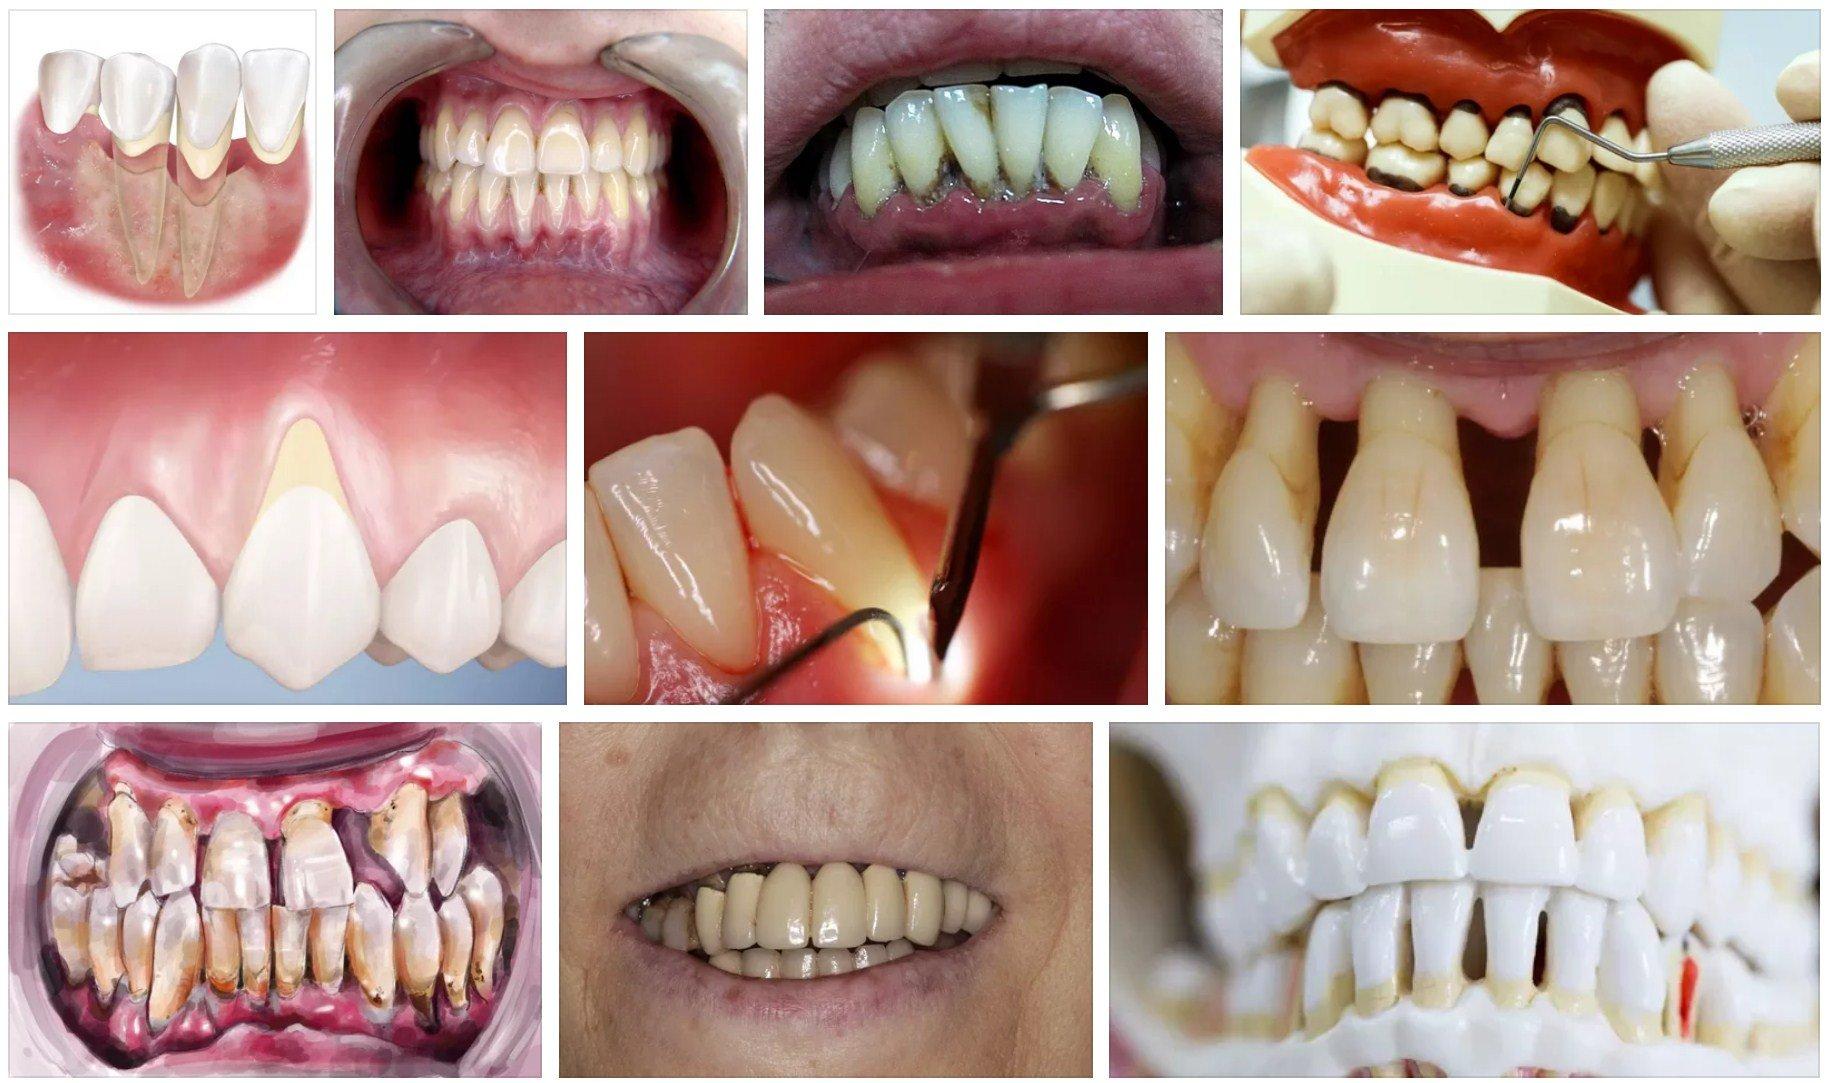 пародонтоз снимки зубов